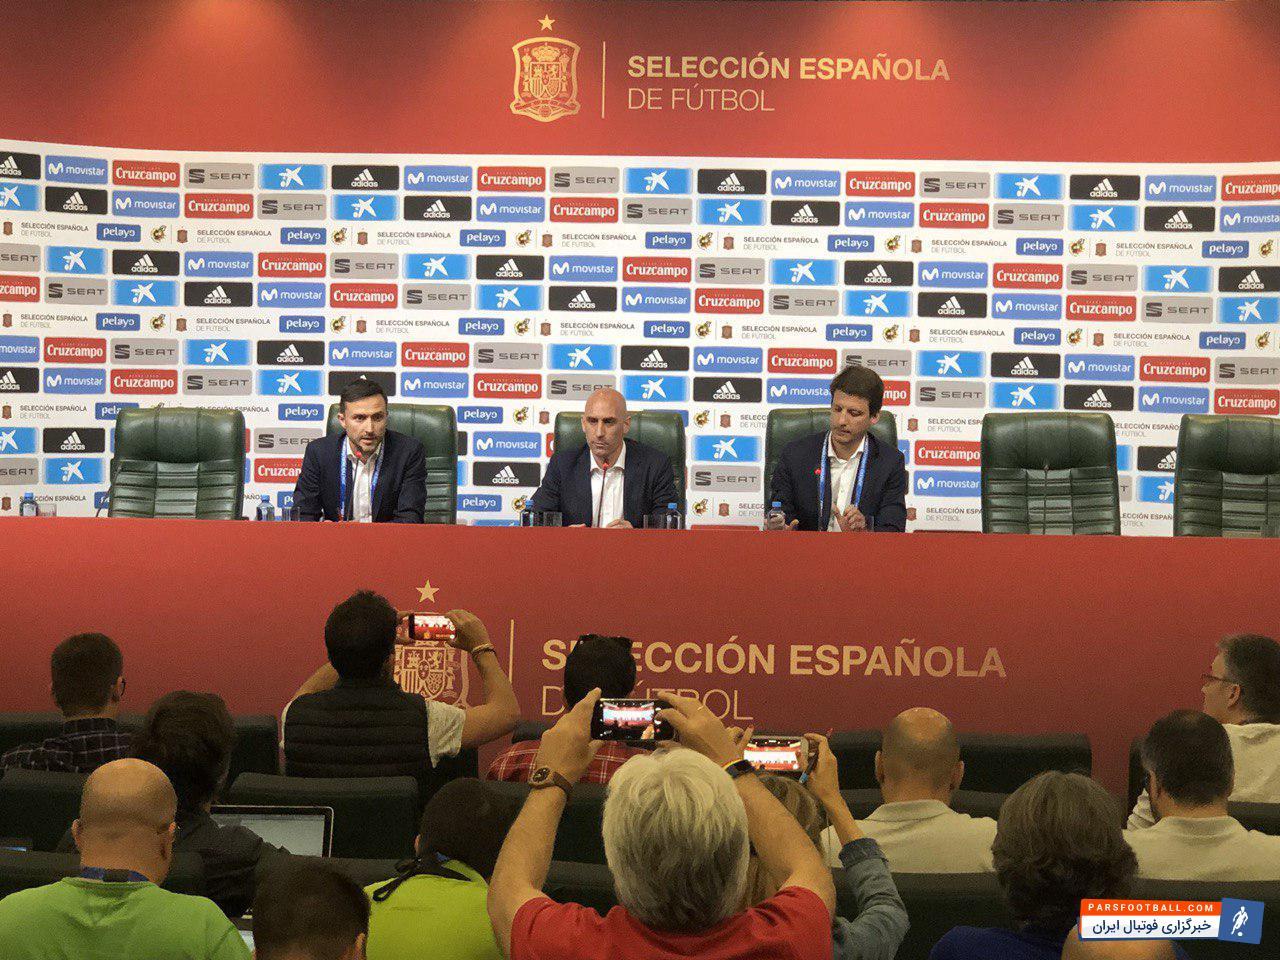 یولن لوپتگی سرمربی تیم ملی فوتبال اسپانیا با وجود پادرمیانی شاگردانش، از لاروخا اخراج شد.